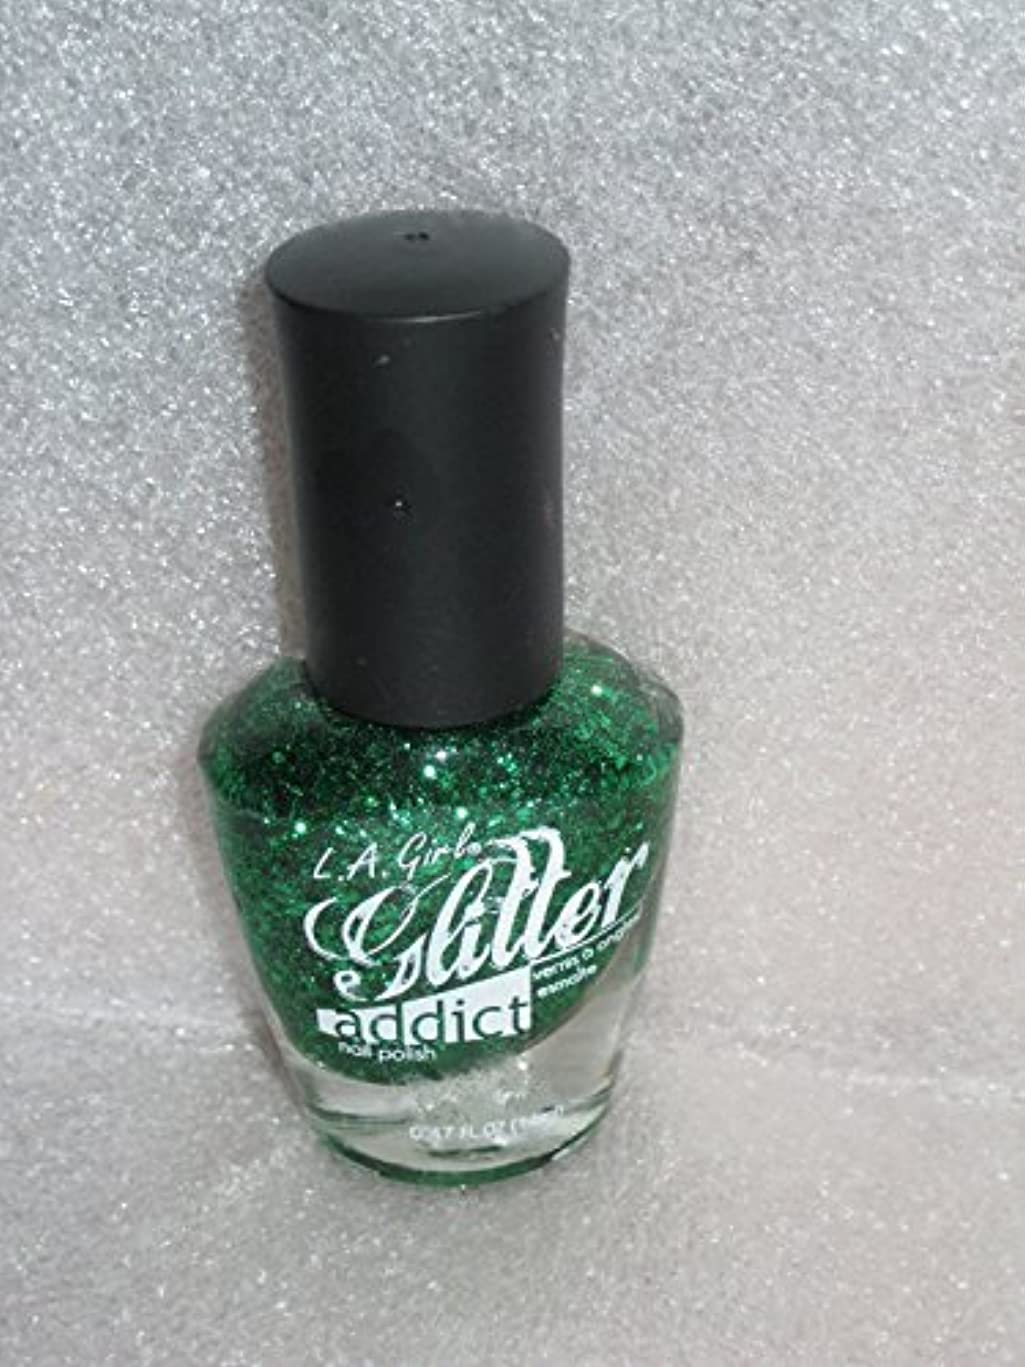 口述するマーティフィールディング効果LA GIRL Glitter Addict Polish - Purge (並行輸入品)